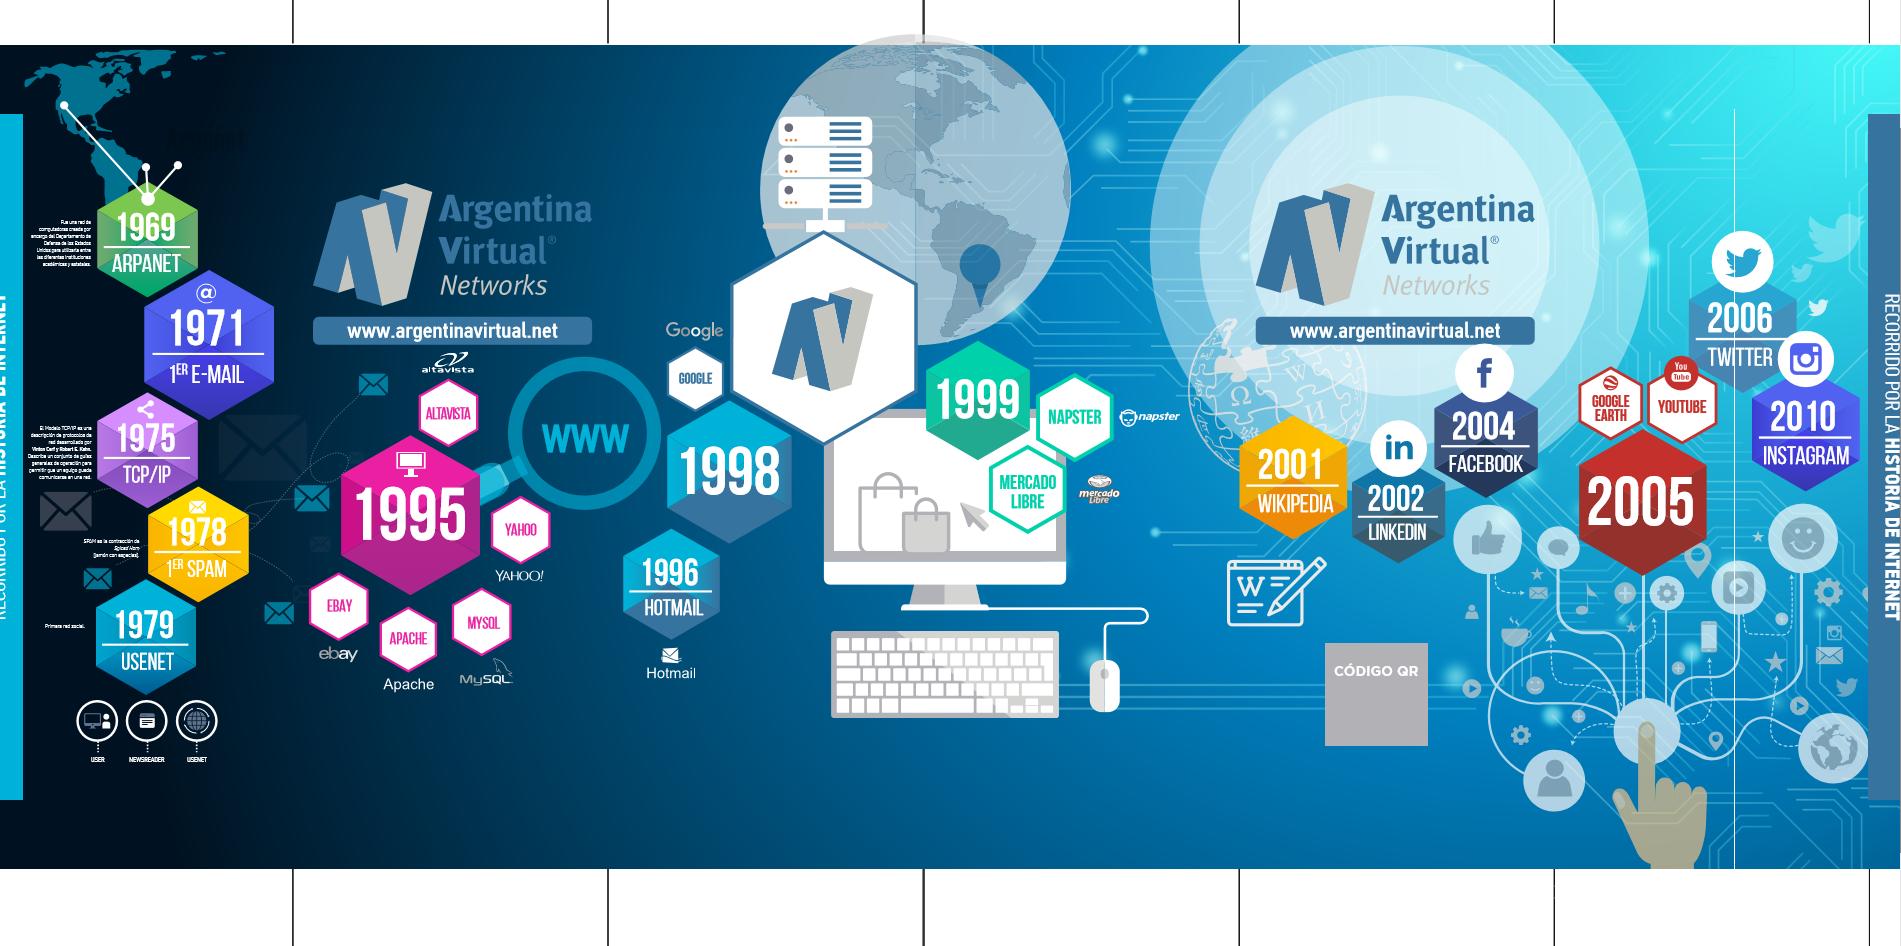 Recorrido por la historia de Internet de Argentina Virtual